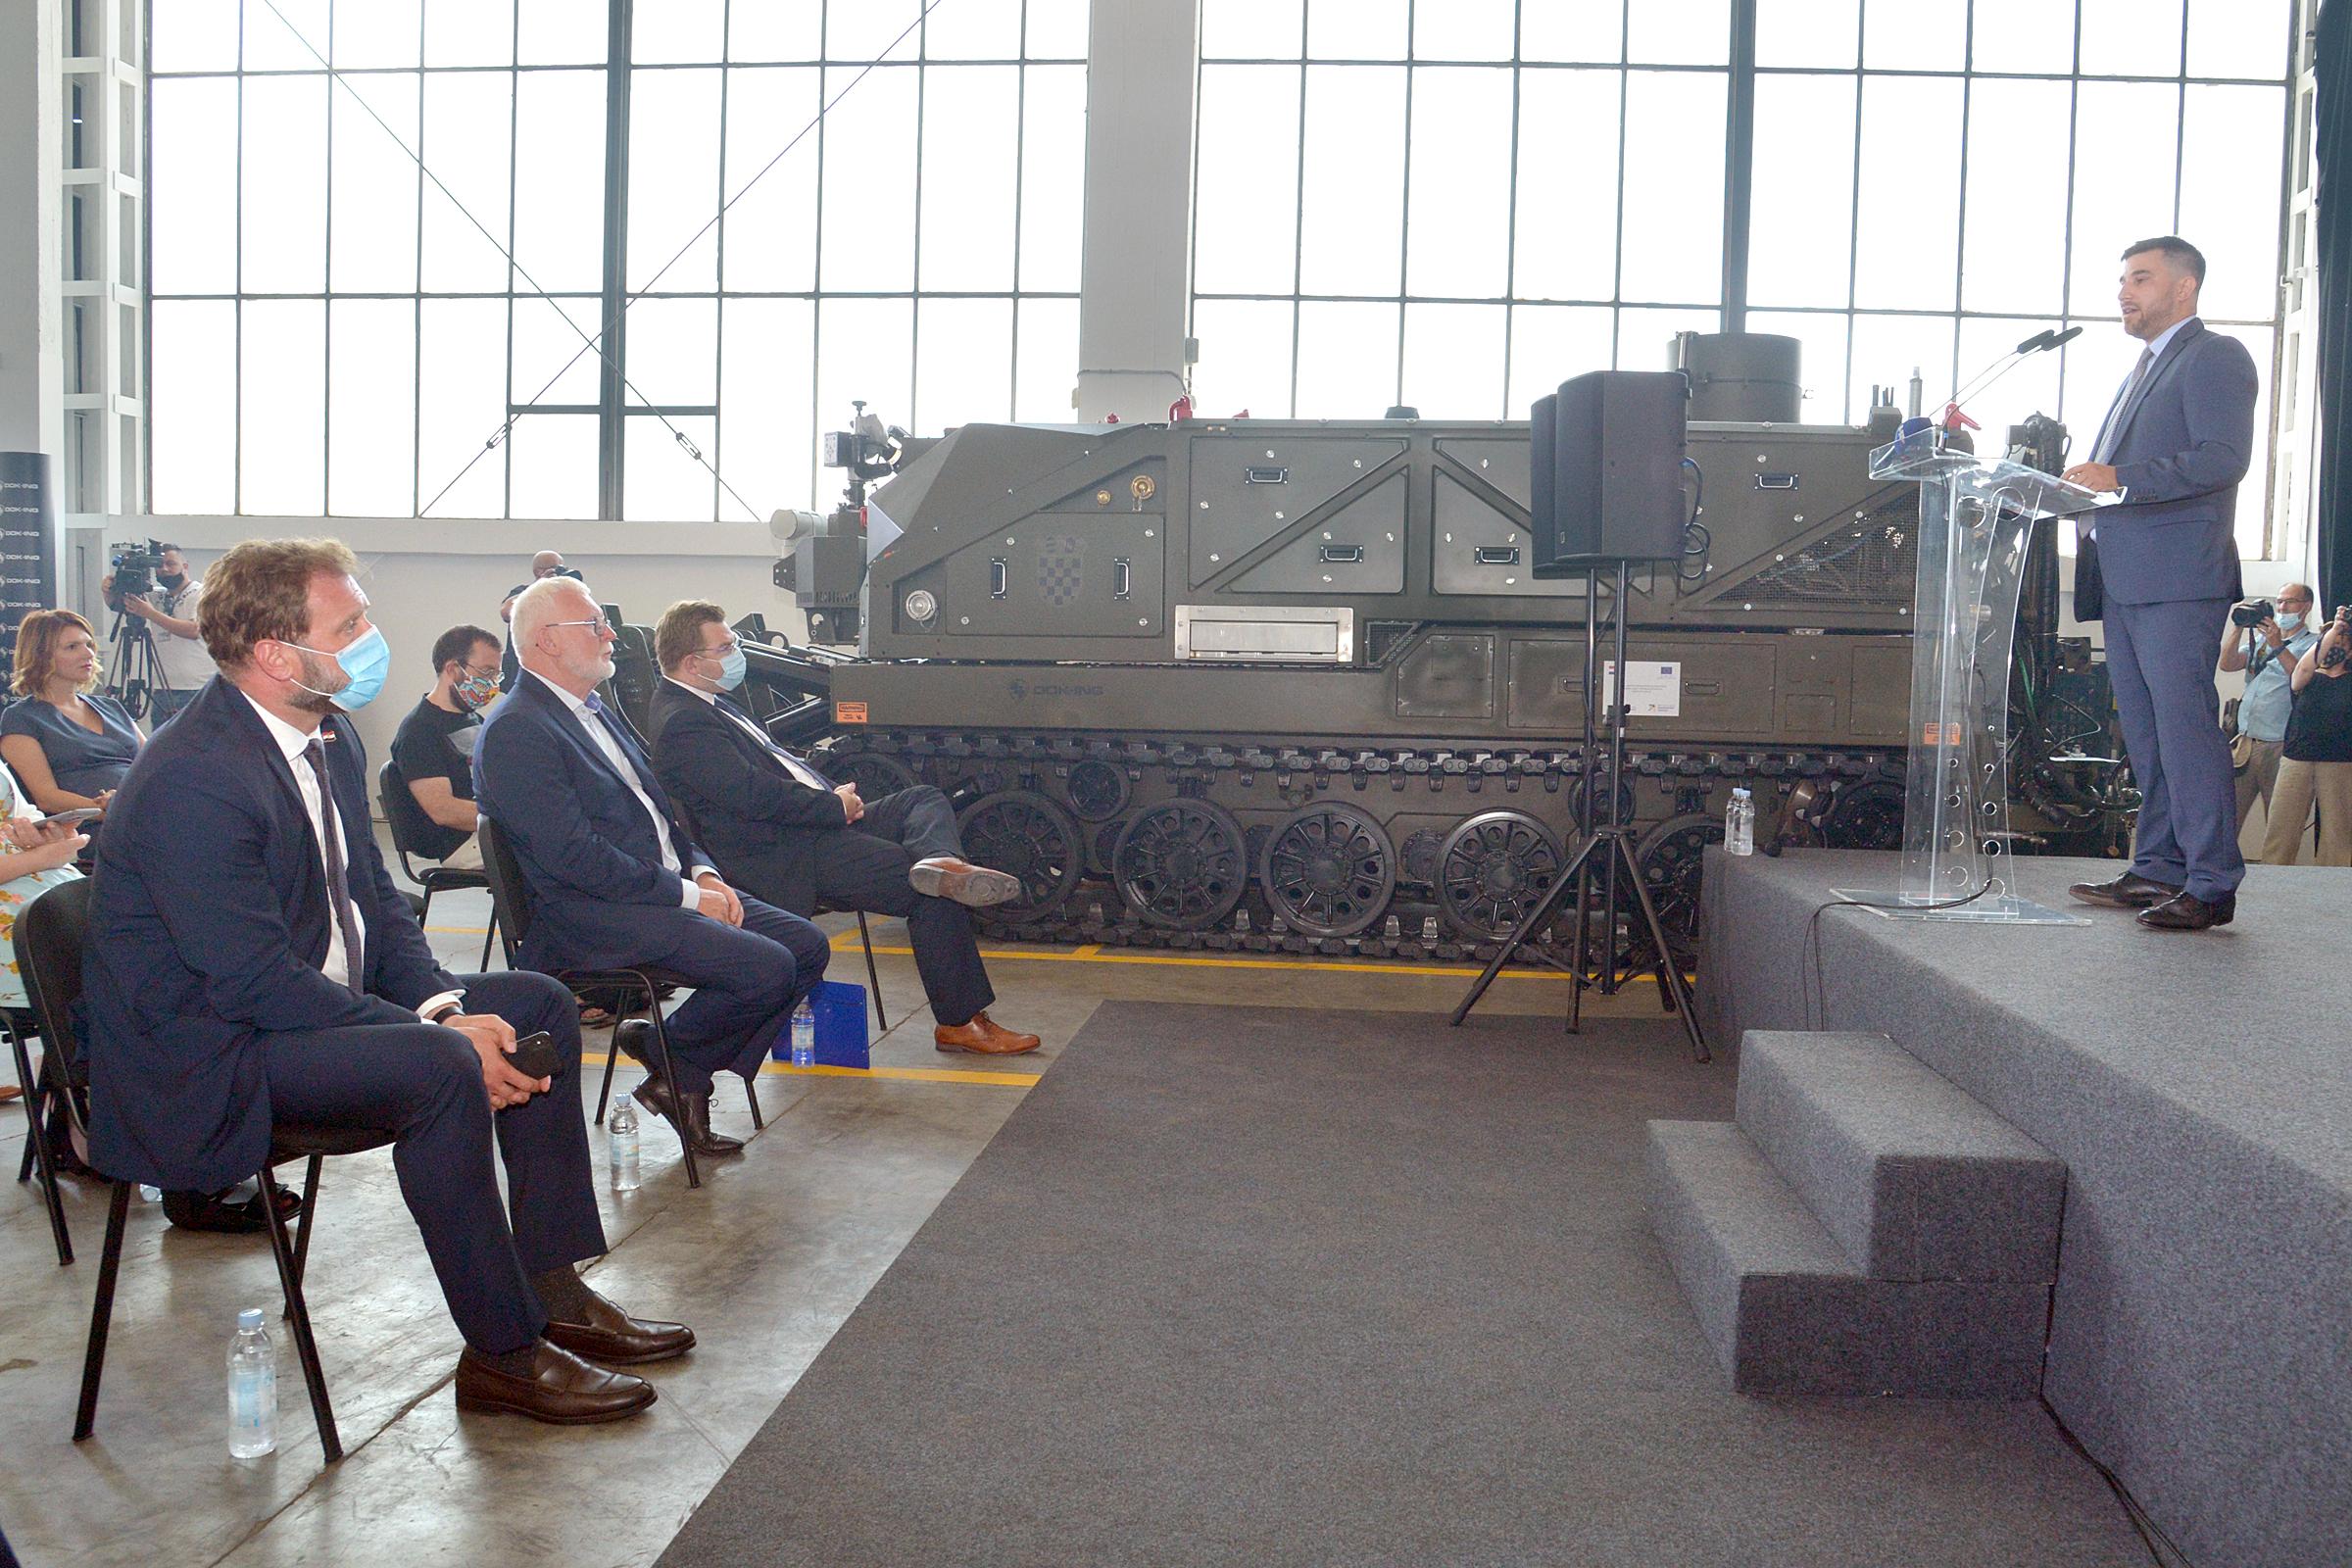 Ministar Banožić na predstavljanju inovativnog robotskog sustava tvrtke DOK-ING